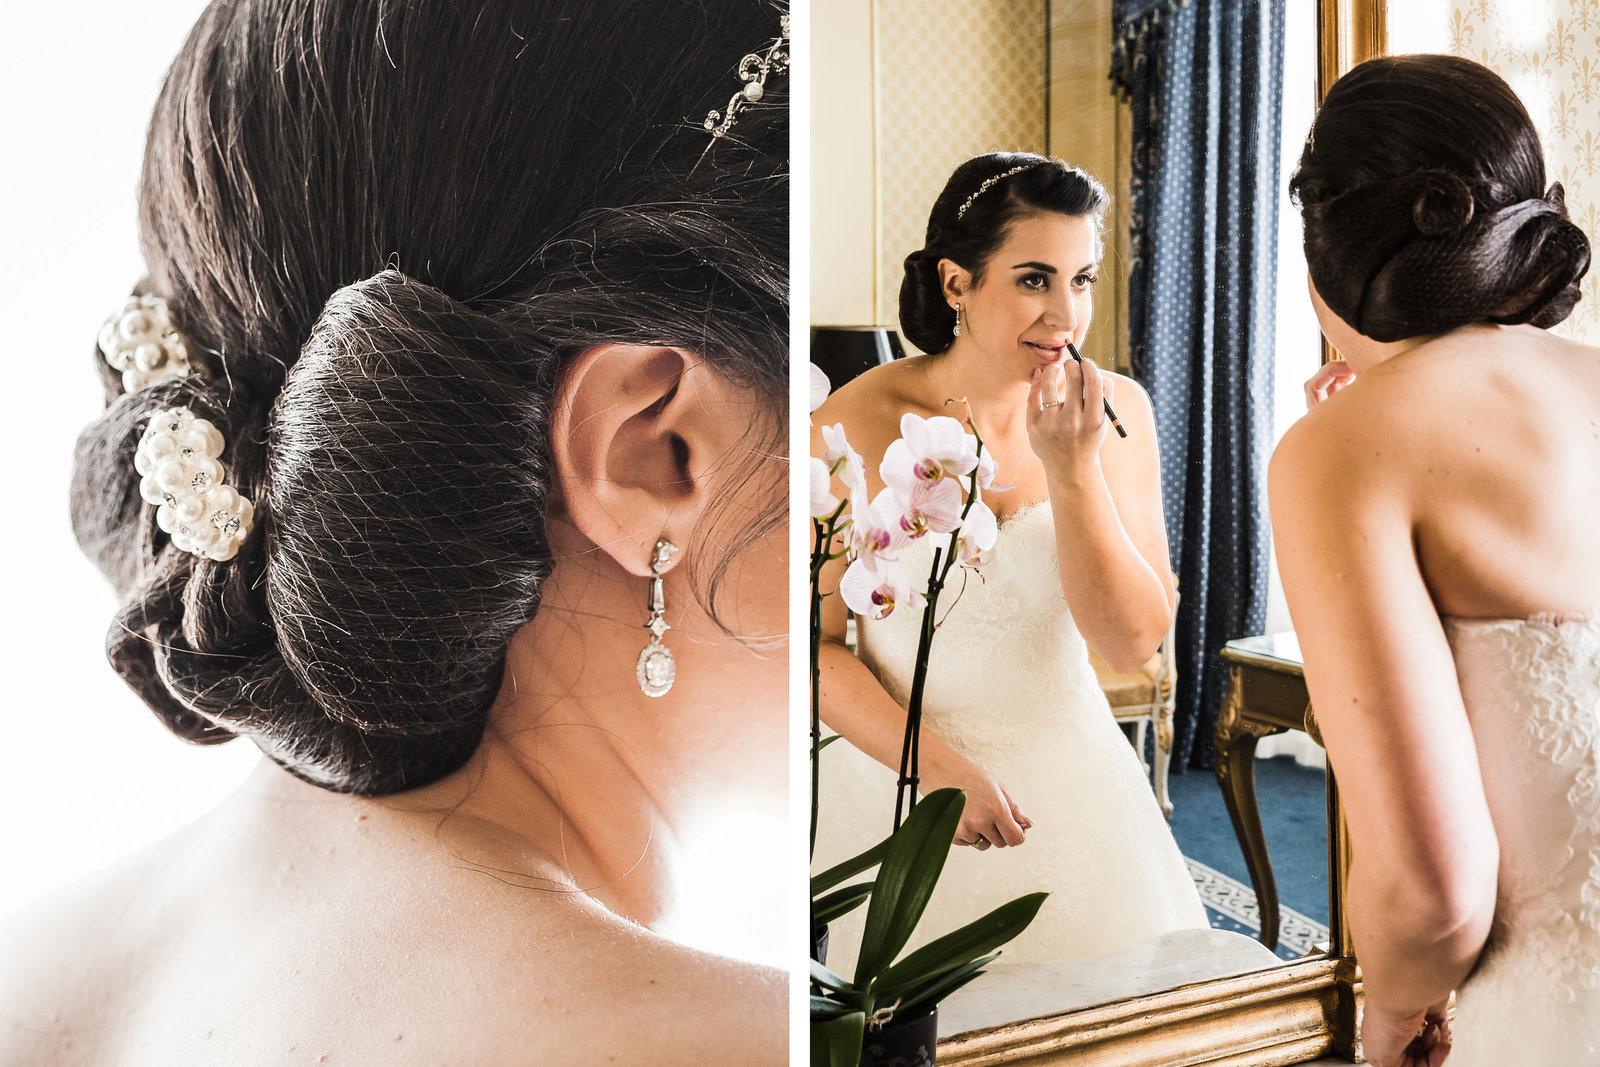 Het trouwkapsel van de bruid is gemaakt met een klassieke techniek m.b.v. een haarnet. De bruid in de spiegel doet nog even de laatste lippenstift op . Copyright Nanda Zee-Fritse | FOTOZEE